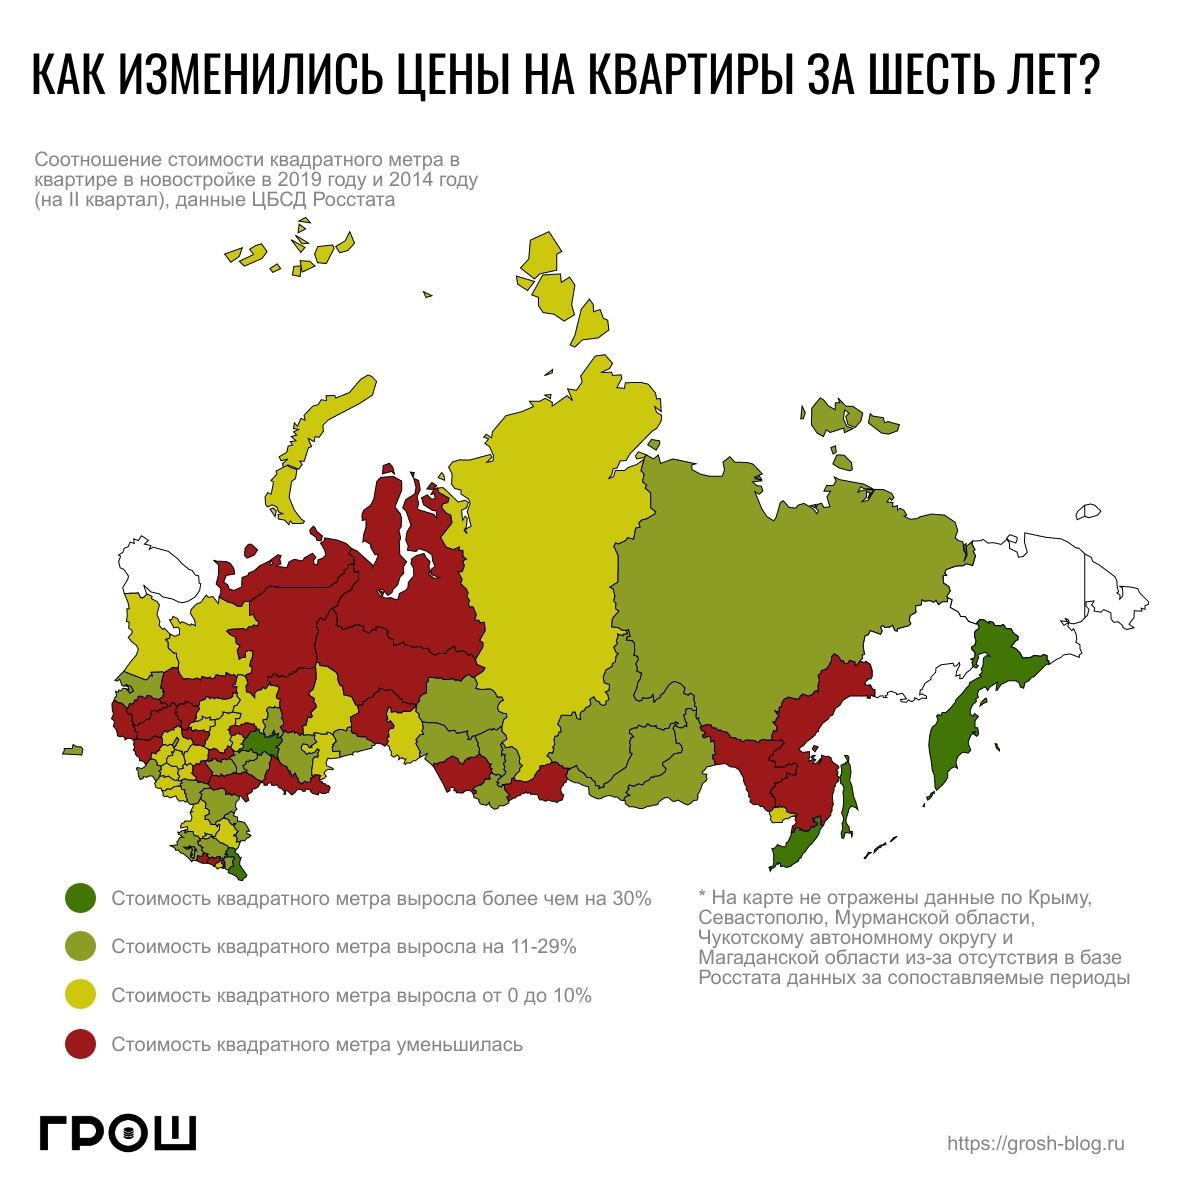 цены на недвижимость в России https://grosh-blog.ru/